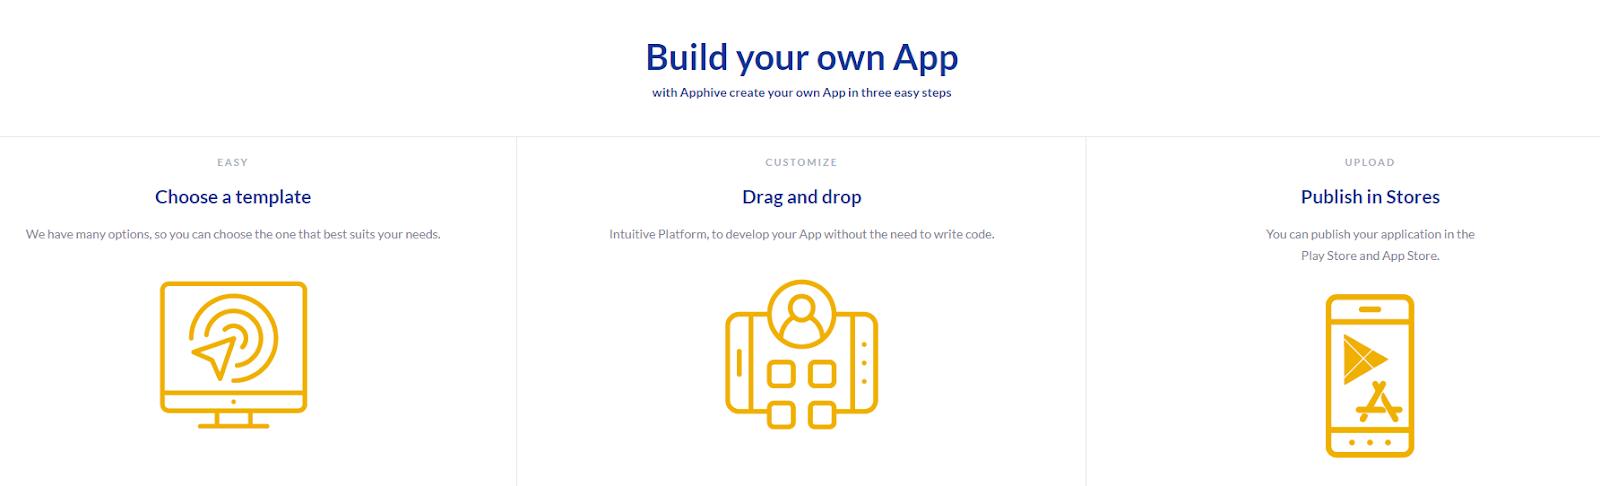 Comparativa de herramientas no-code para crear apps nativas - tR 5